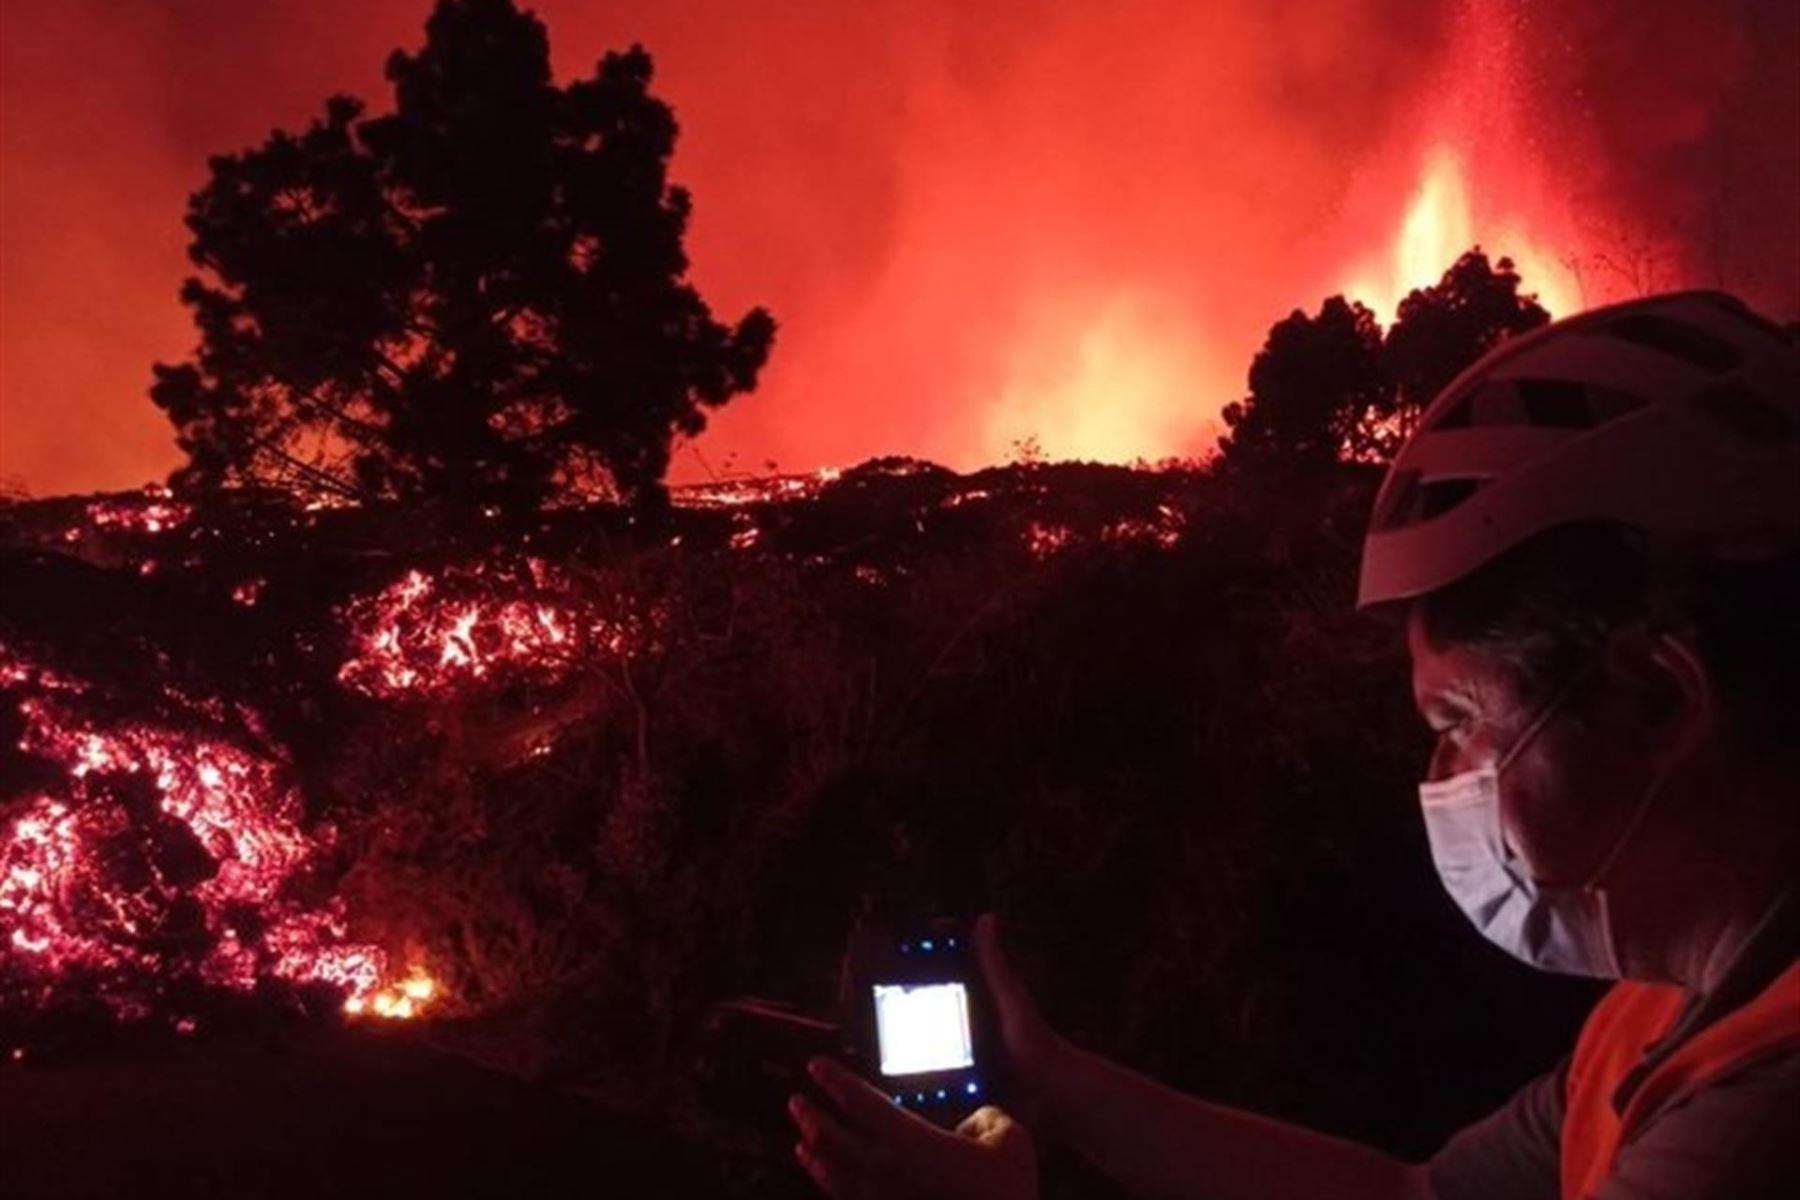 Erupción volcánica  en los alrededores de Las Manchas, en El Paso (La Palma), España, después de que el complejo de la Cumbre Vieja acumulara miles de terremotos en la última semana, conforme el magma iba presionando el subsuelo en su ascenso. Foto: EFE